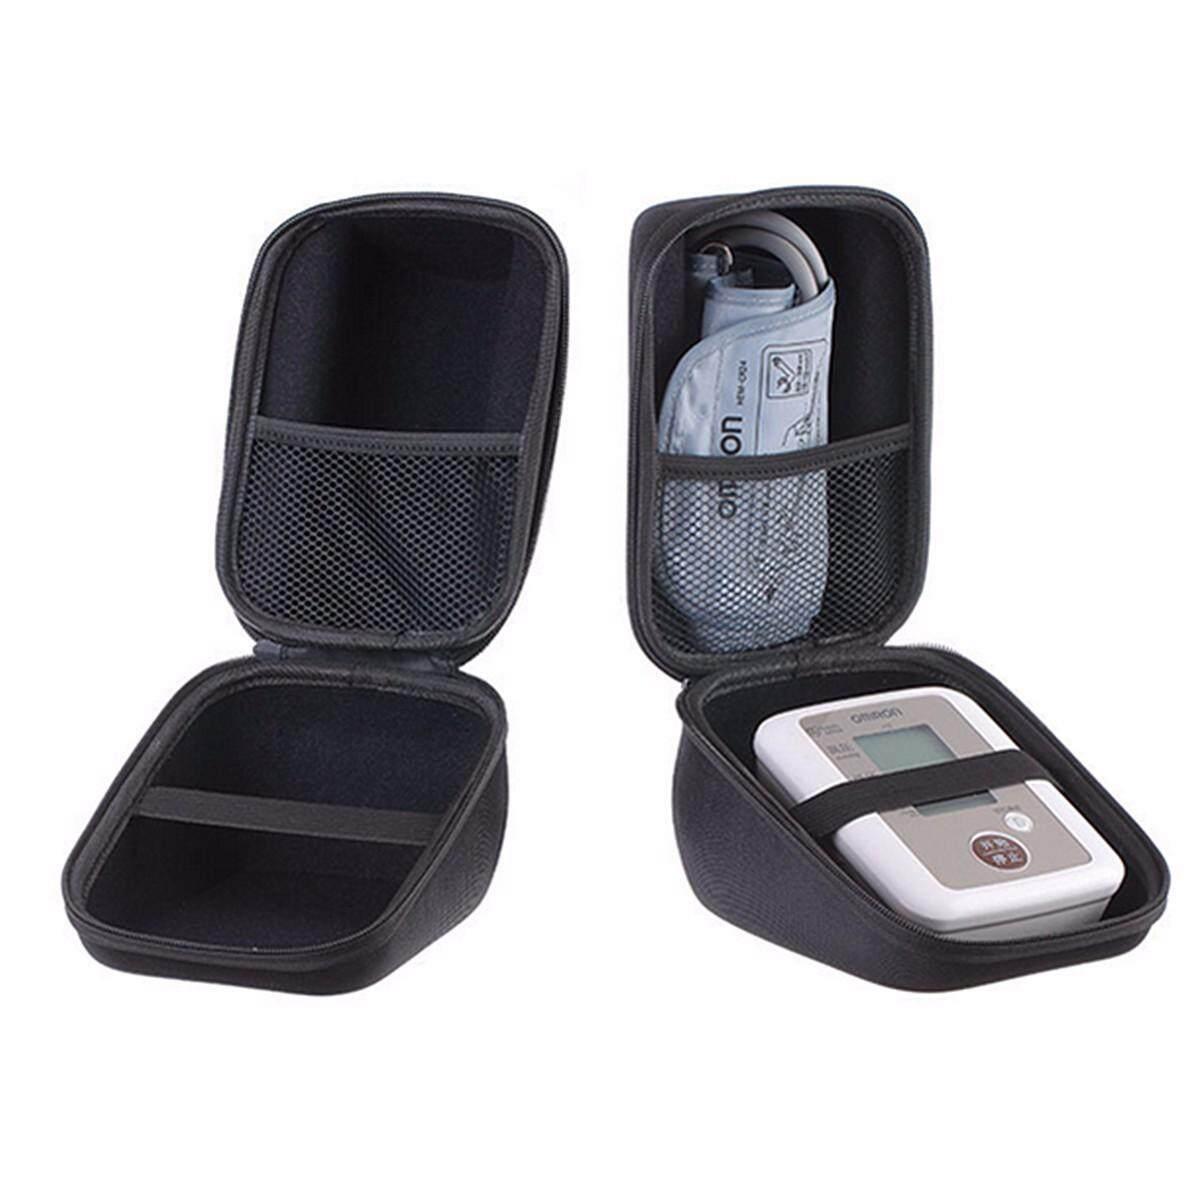 Jual Omron Blood Pressure Murah Garansi Dan Berkualitas Id Store Hem 8712 Tensimeter Digital Rp 266000